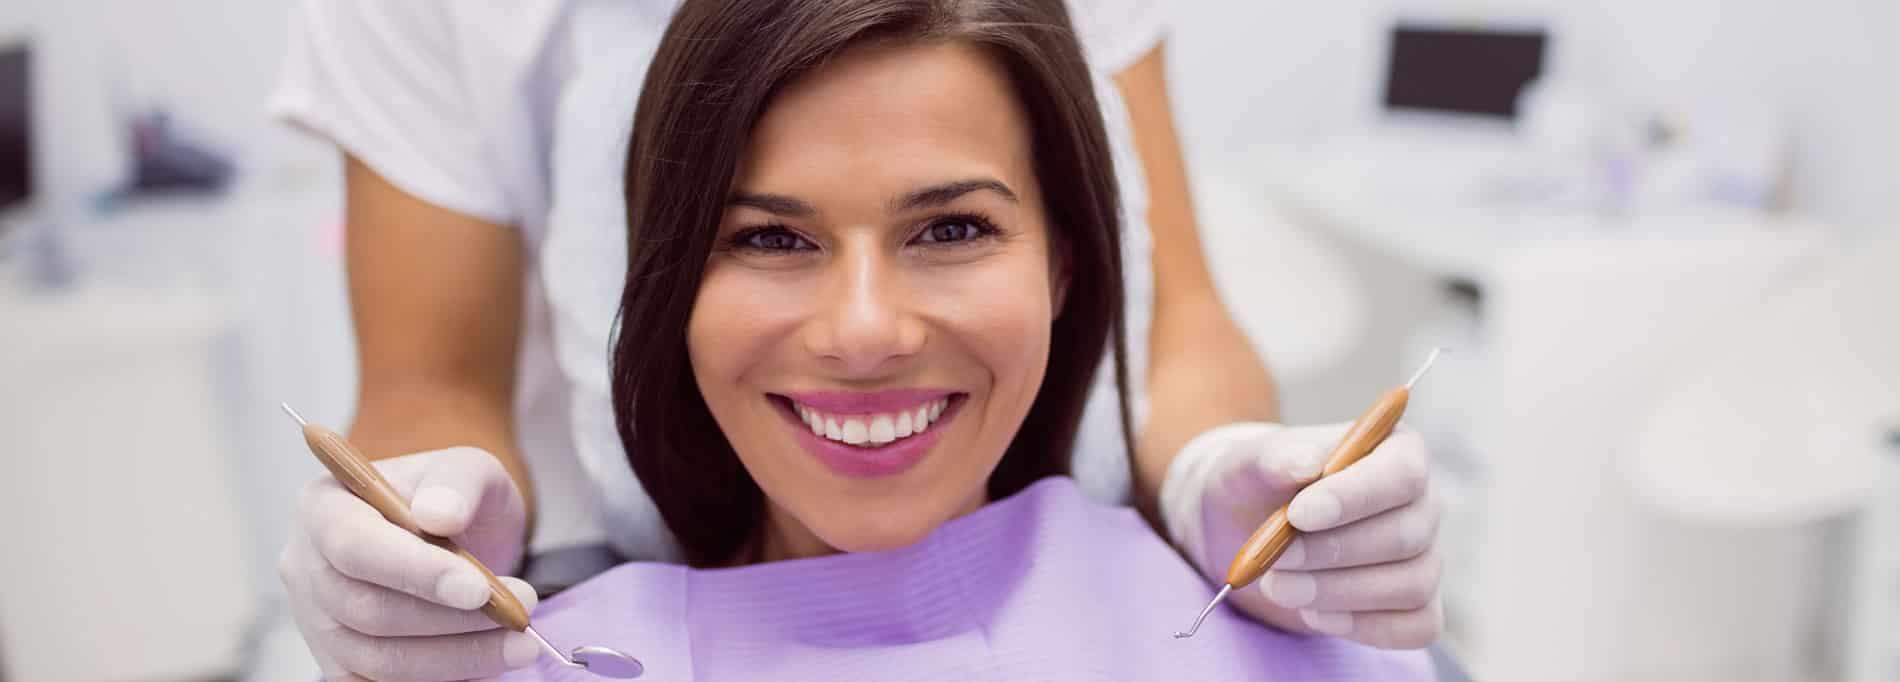 ¿Con qué frecuencia debes ir al dentista para una revisión? Clínica Dental CEM Valderas Dentistas en Alcorcón